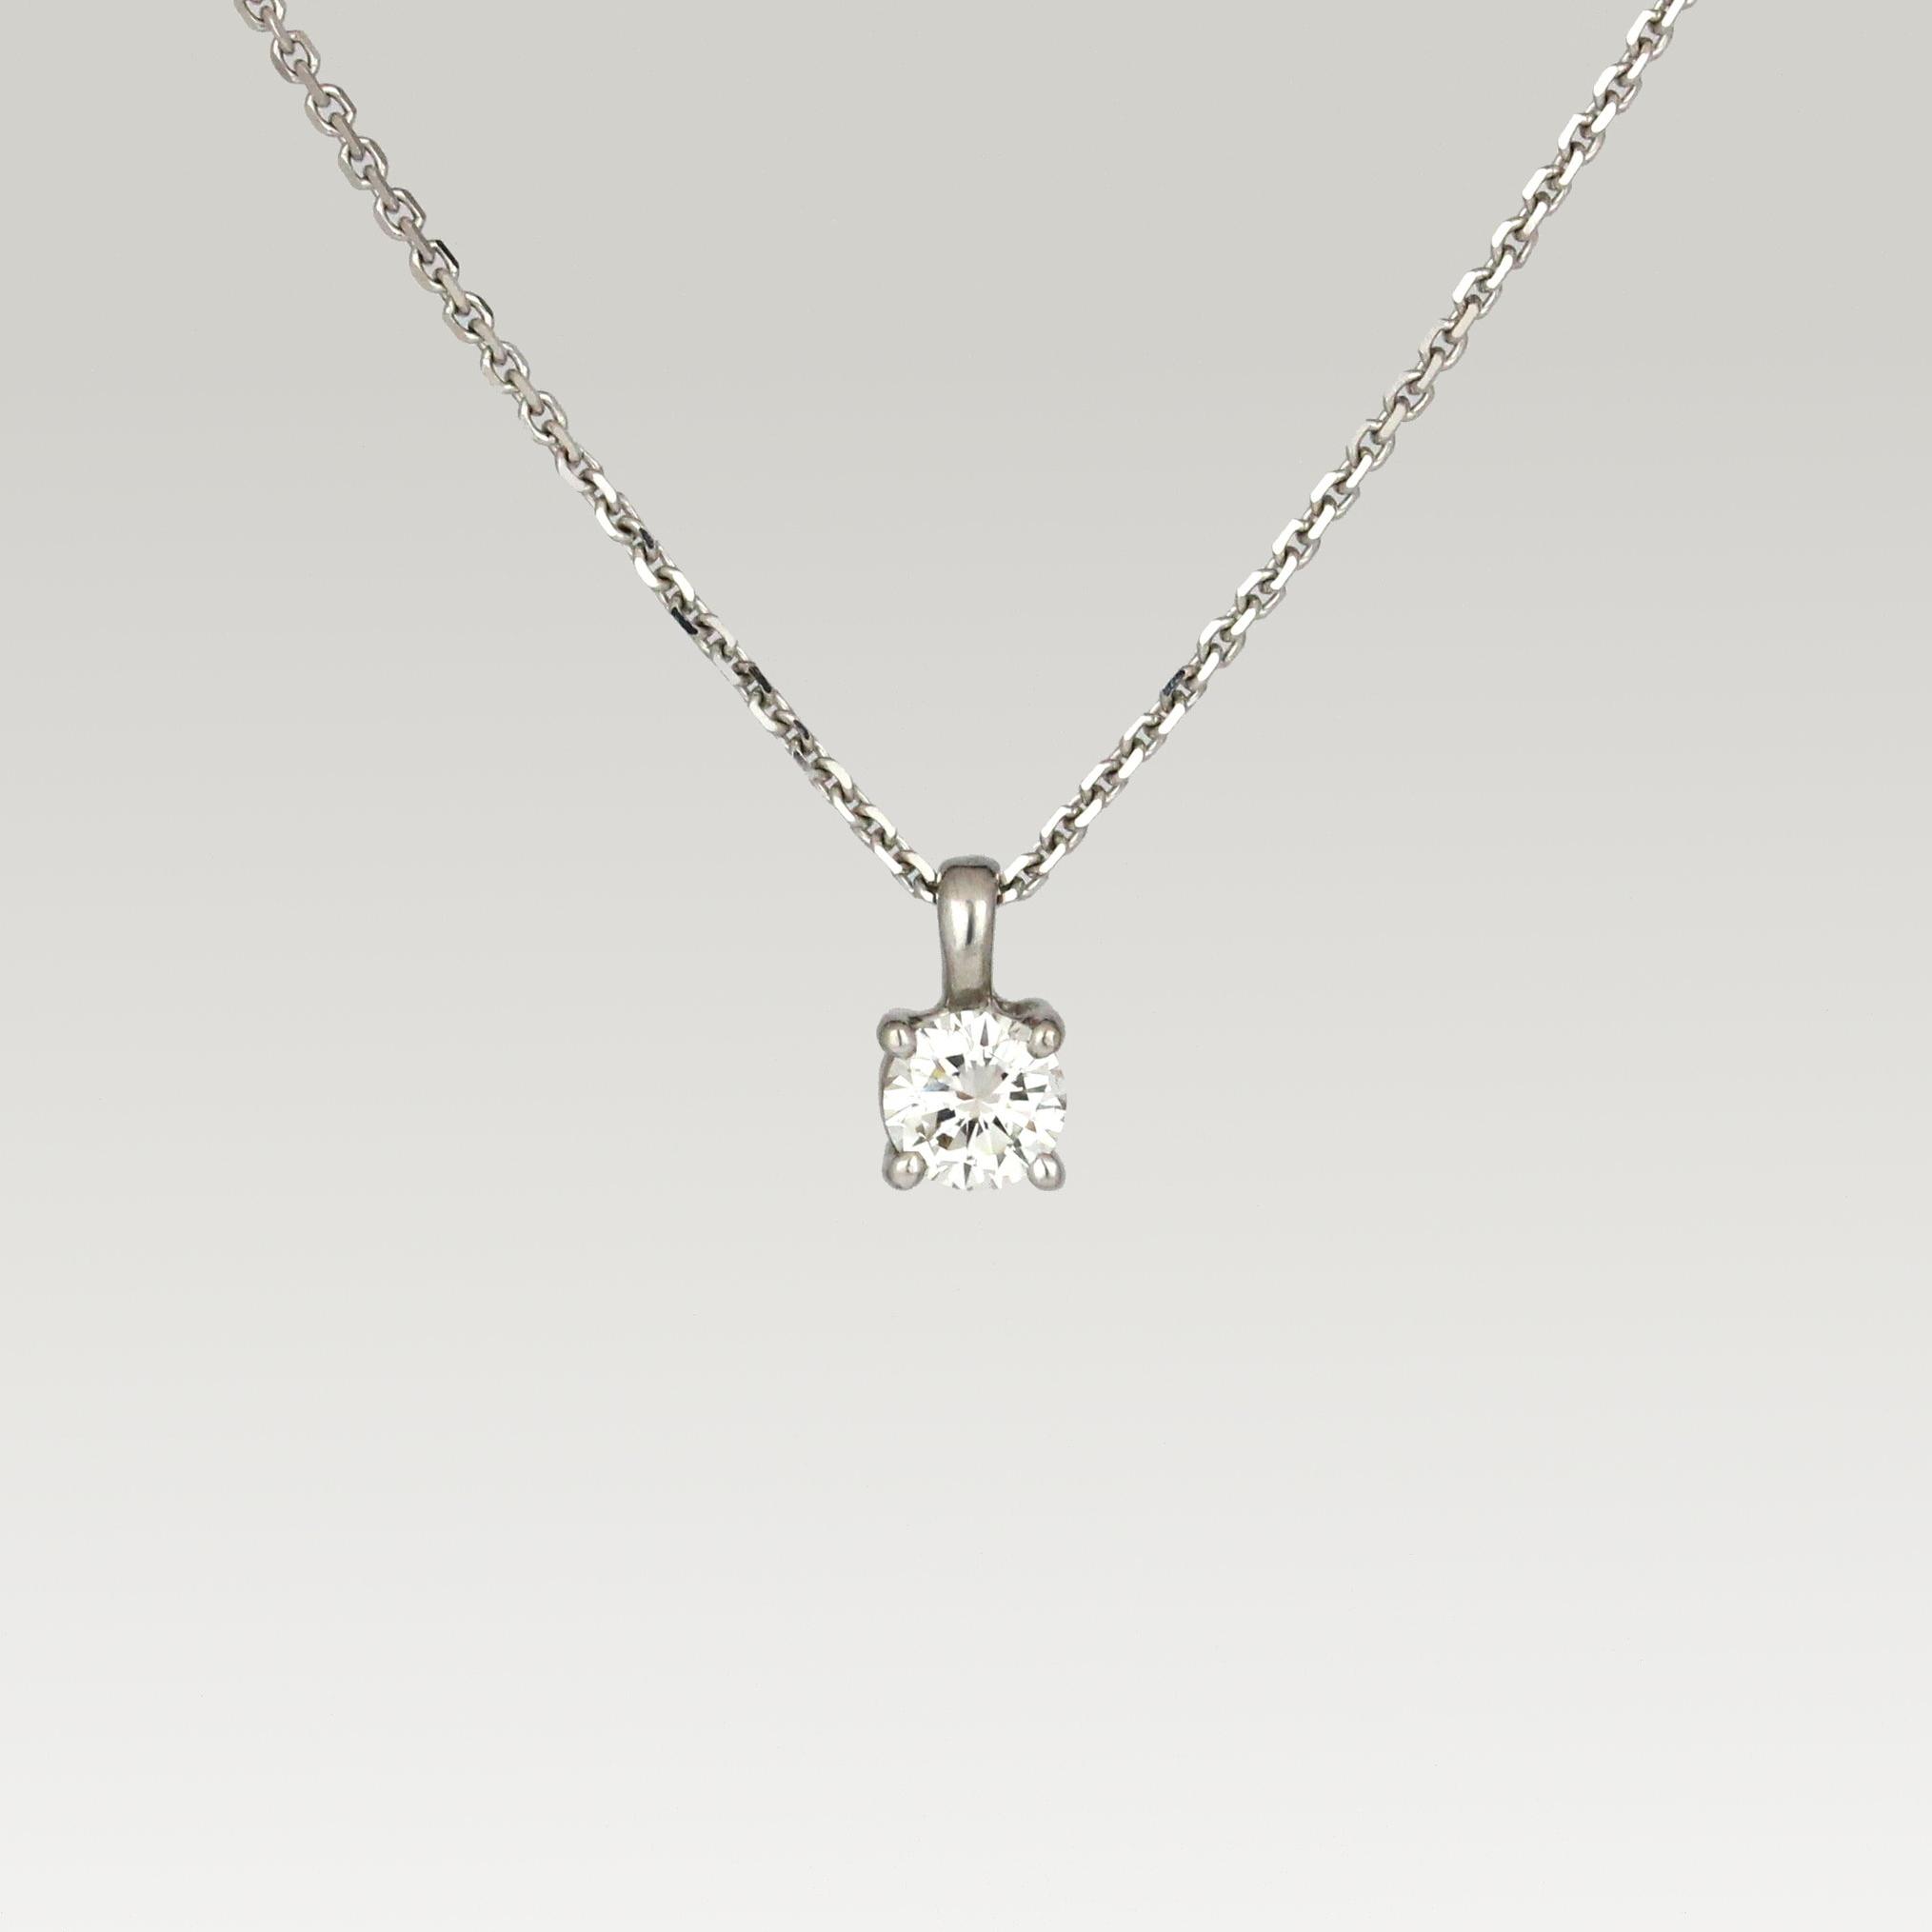 White gold pendant set with diamond.